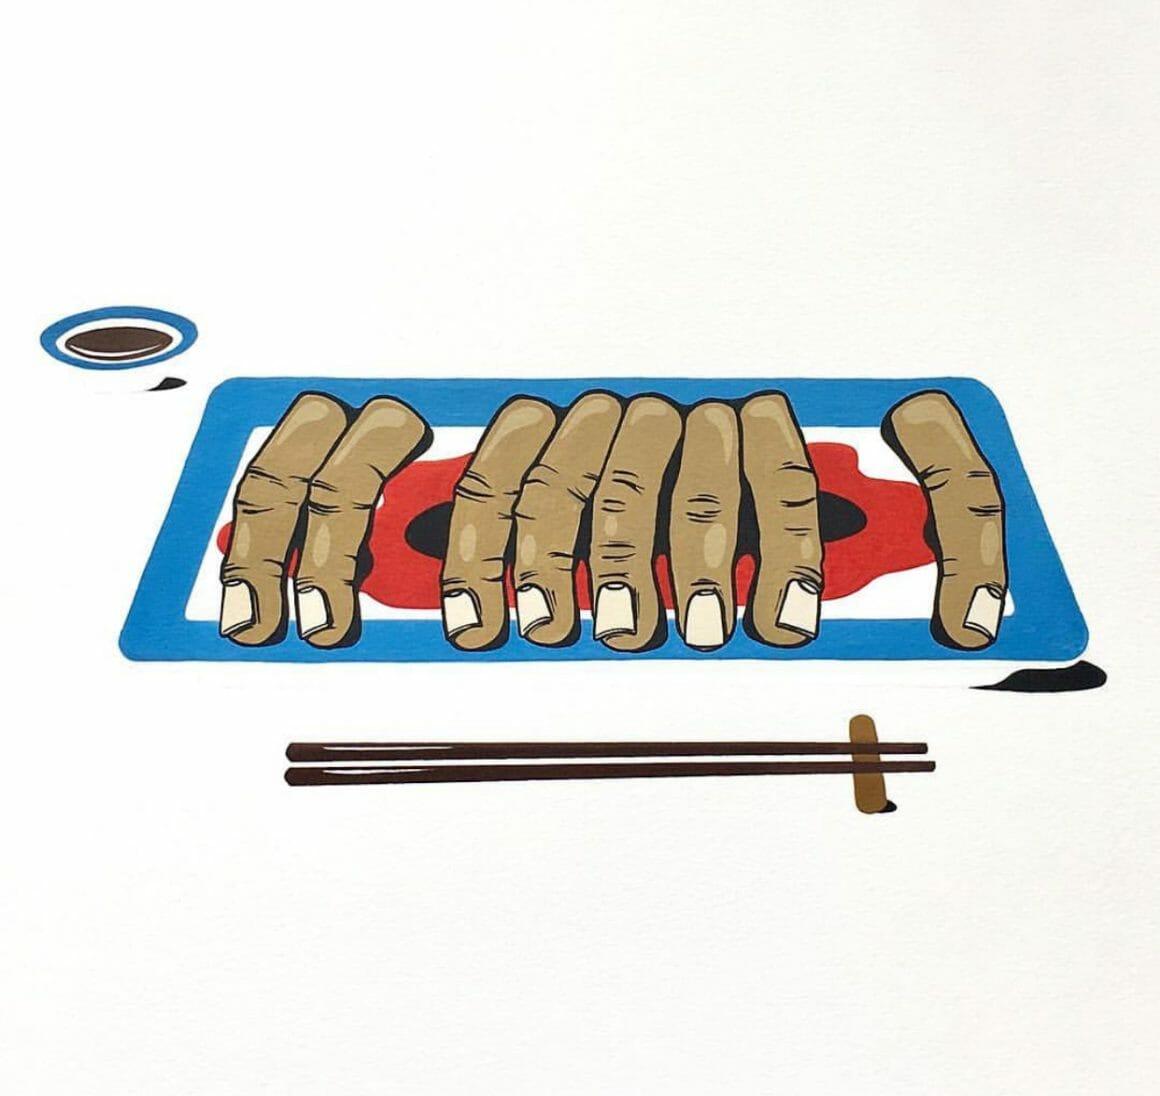 Mygalo, doigts découpés à manger façon rouleaux de printemps.